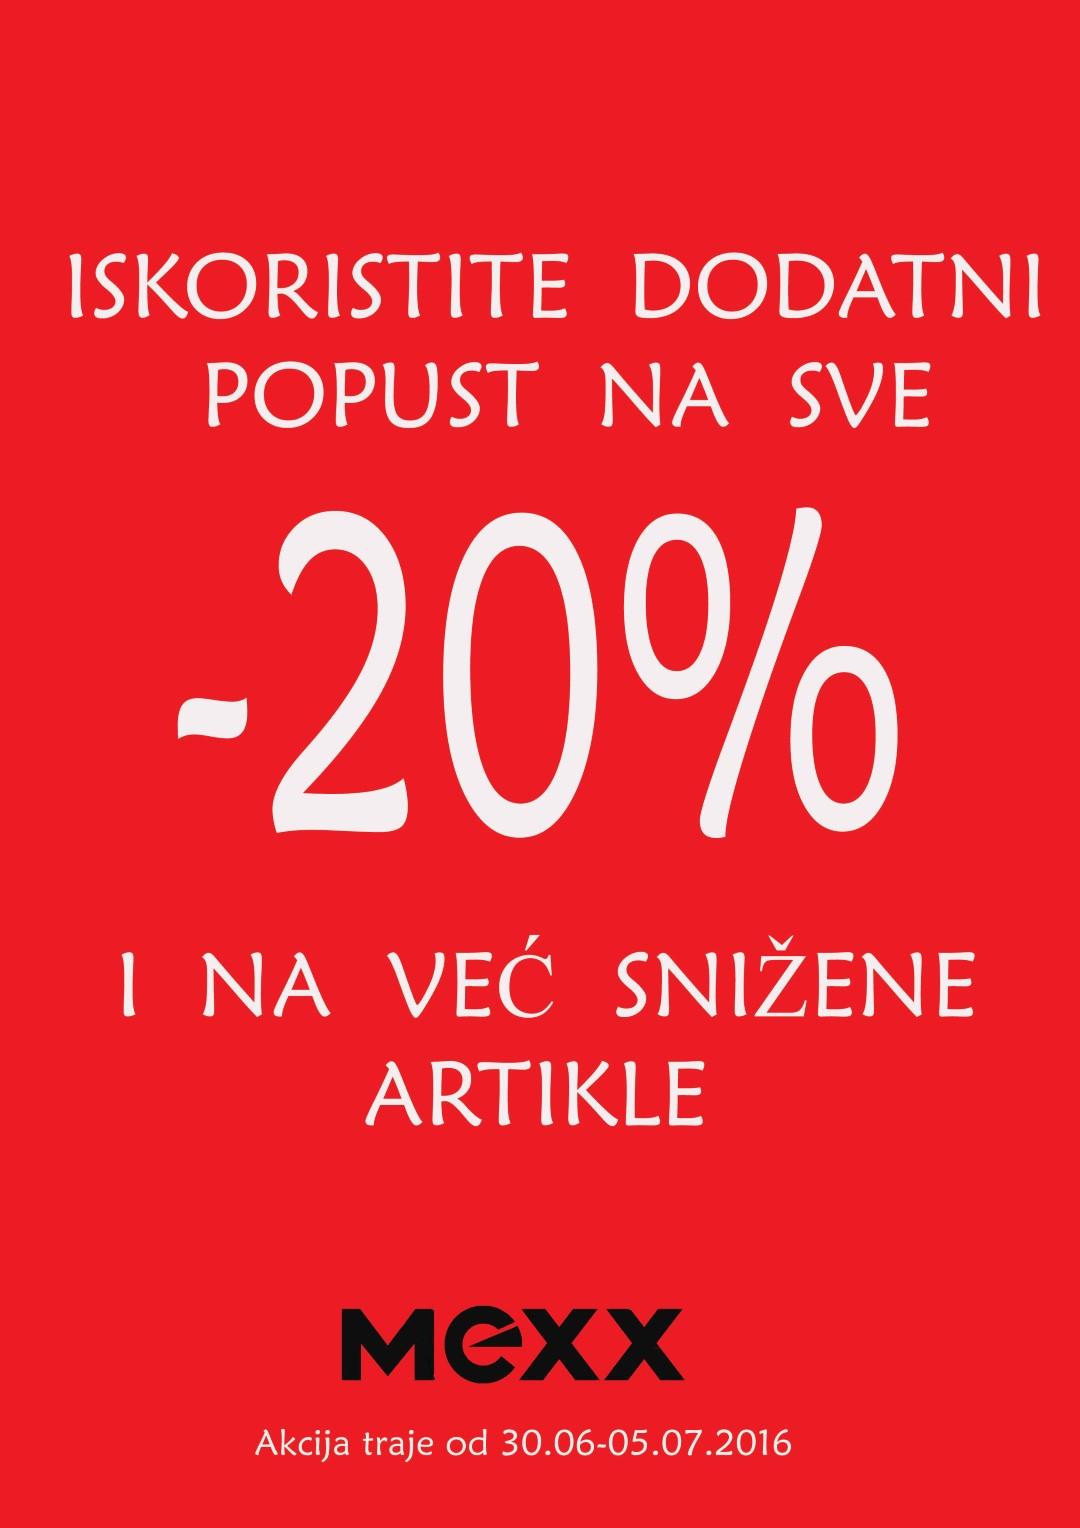 -dodatnih 20% na vec snizene A4  (Large)